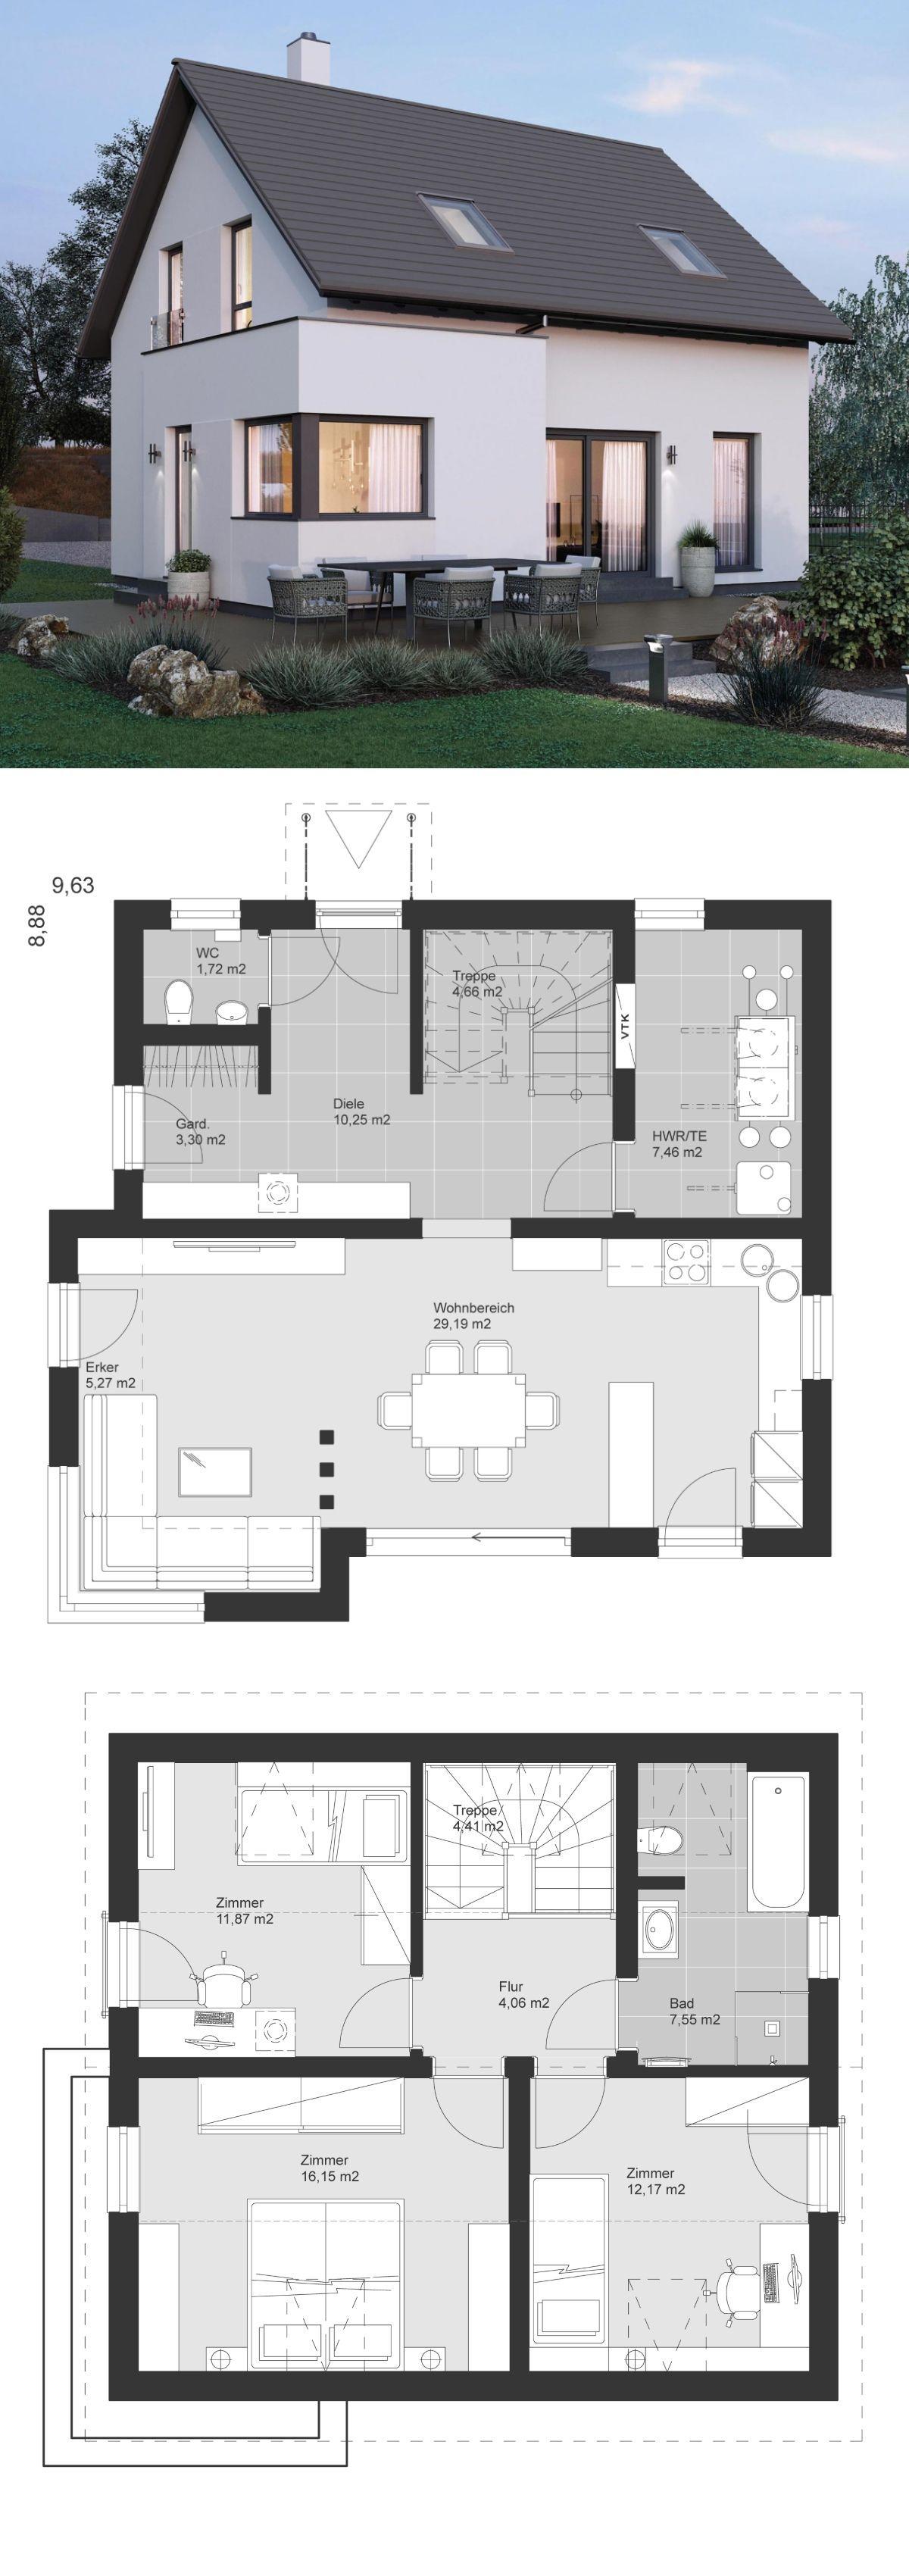 kleines einfamilienhaus architektur modern grundriss mit satteldach architektur erker anbau. Black Bedroom Furniture Sets. Home Design Ideas